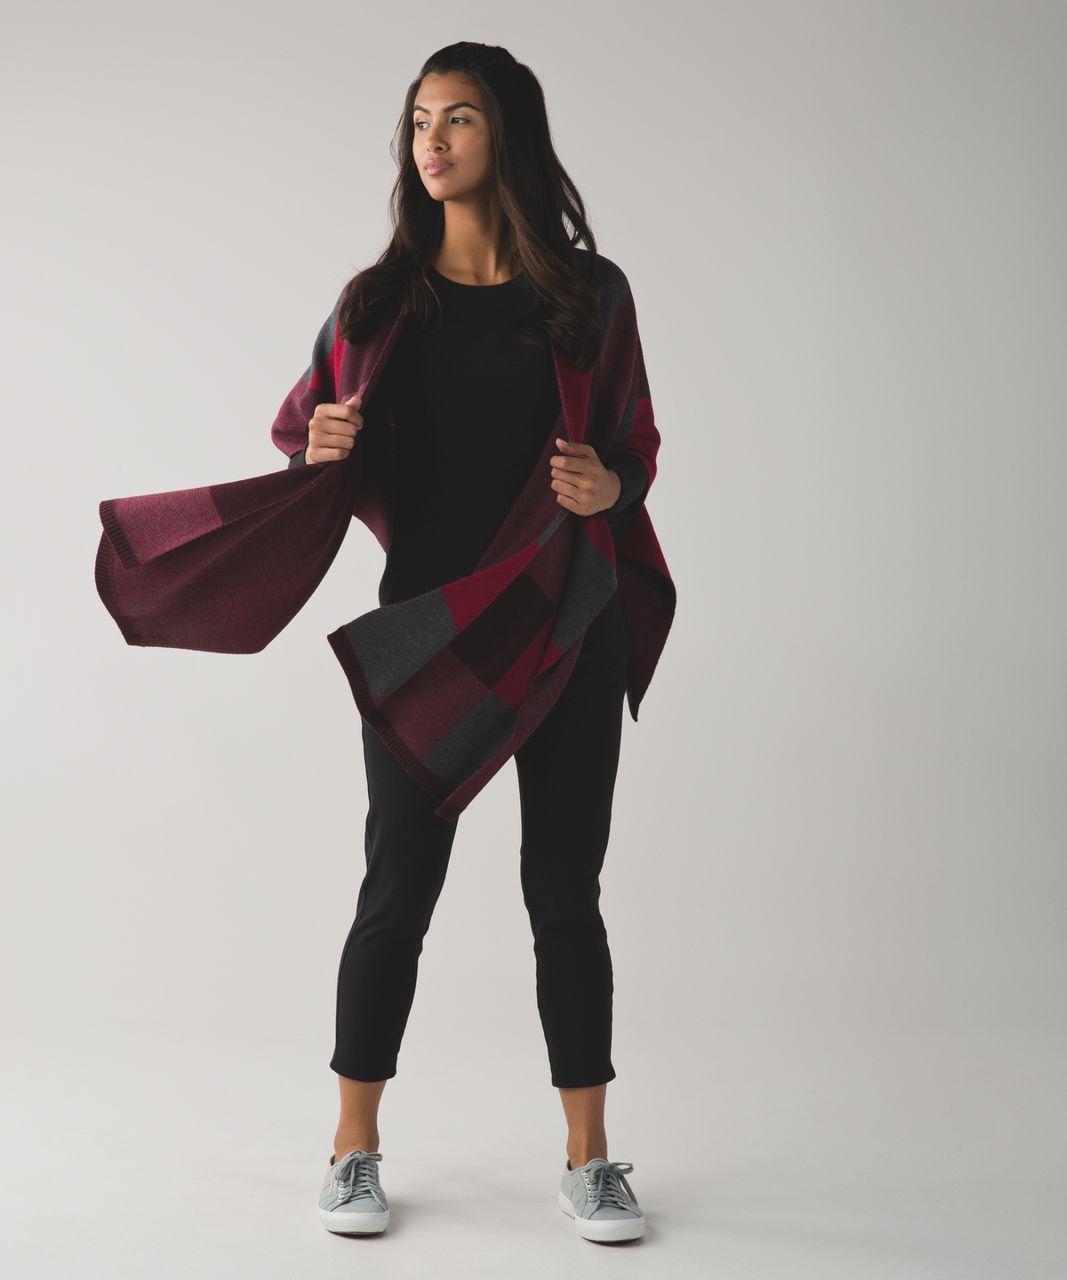 Lululemon Bundle Up Scarf - Bordeaux Drama / Cranberry / Heathered Dark Slate